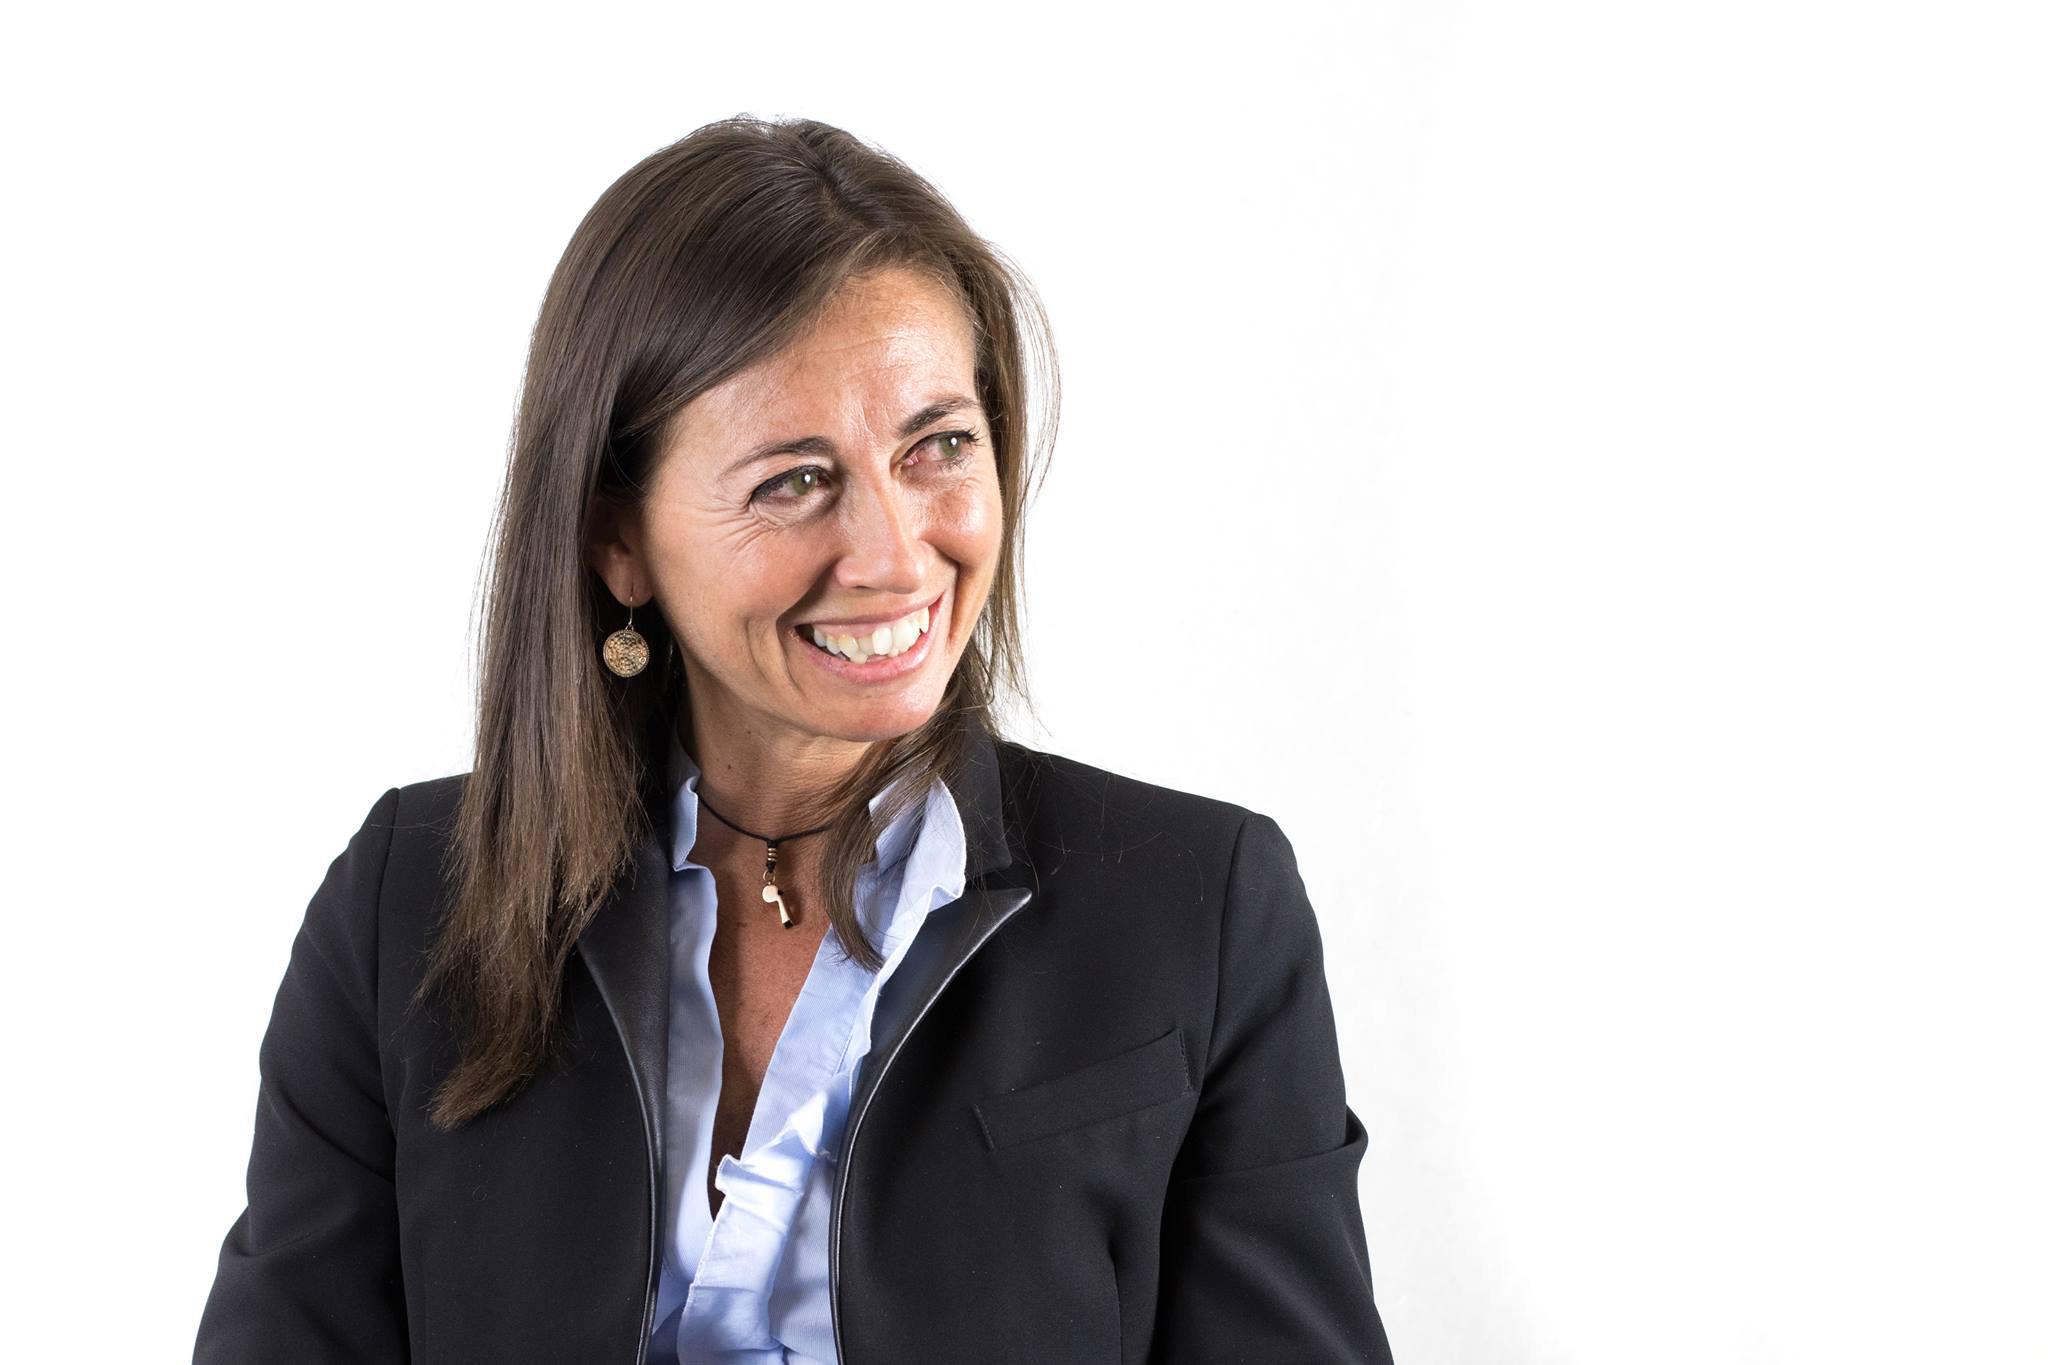 #Ri-scatti: Caterina Raimondi #psicoterapeuta #formatriceoperatoripergiocodazzardo